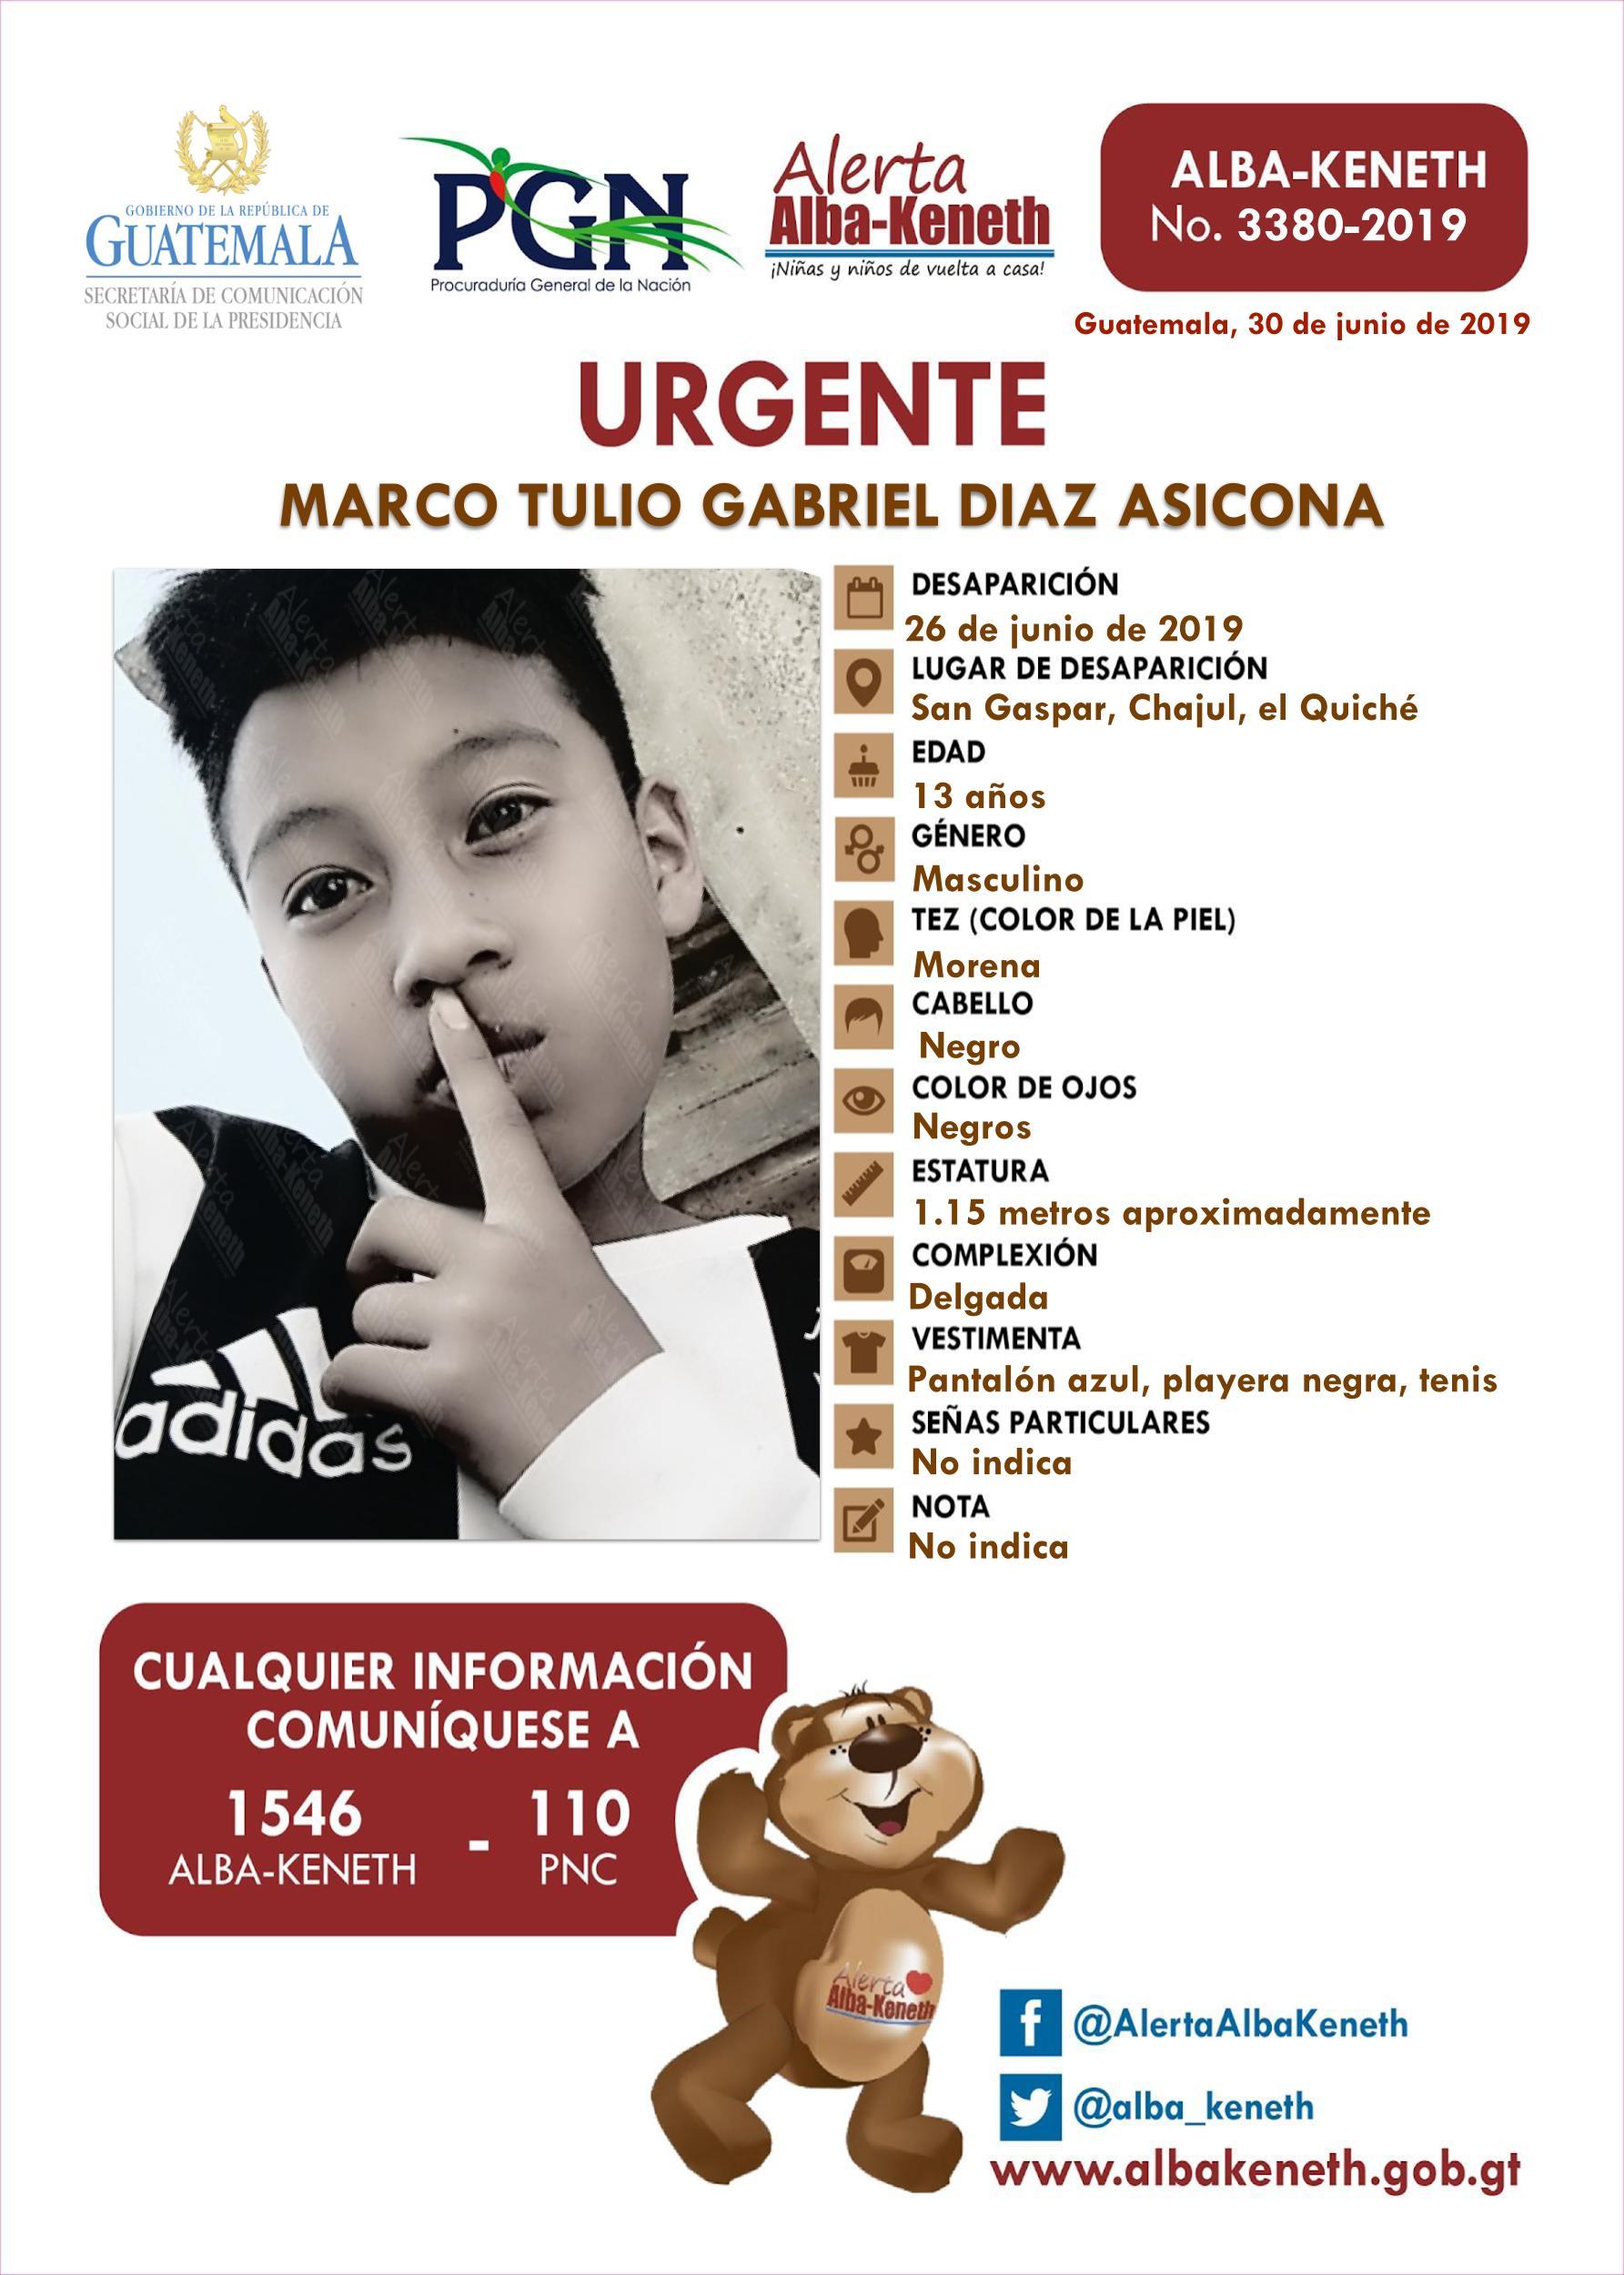 Marco Tulio Gabriel Diaz Asicona